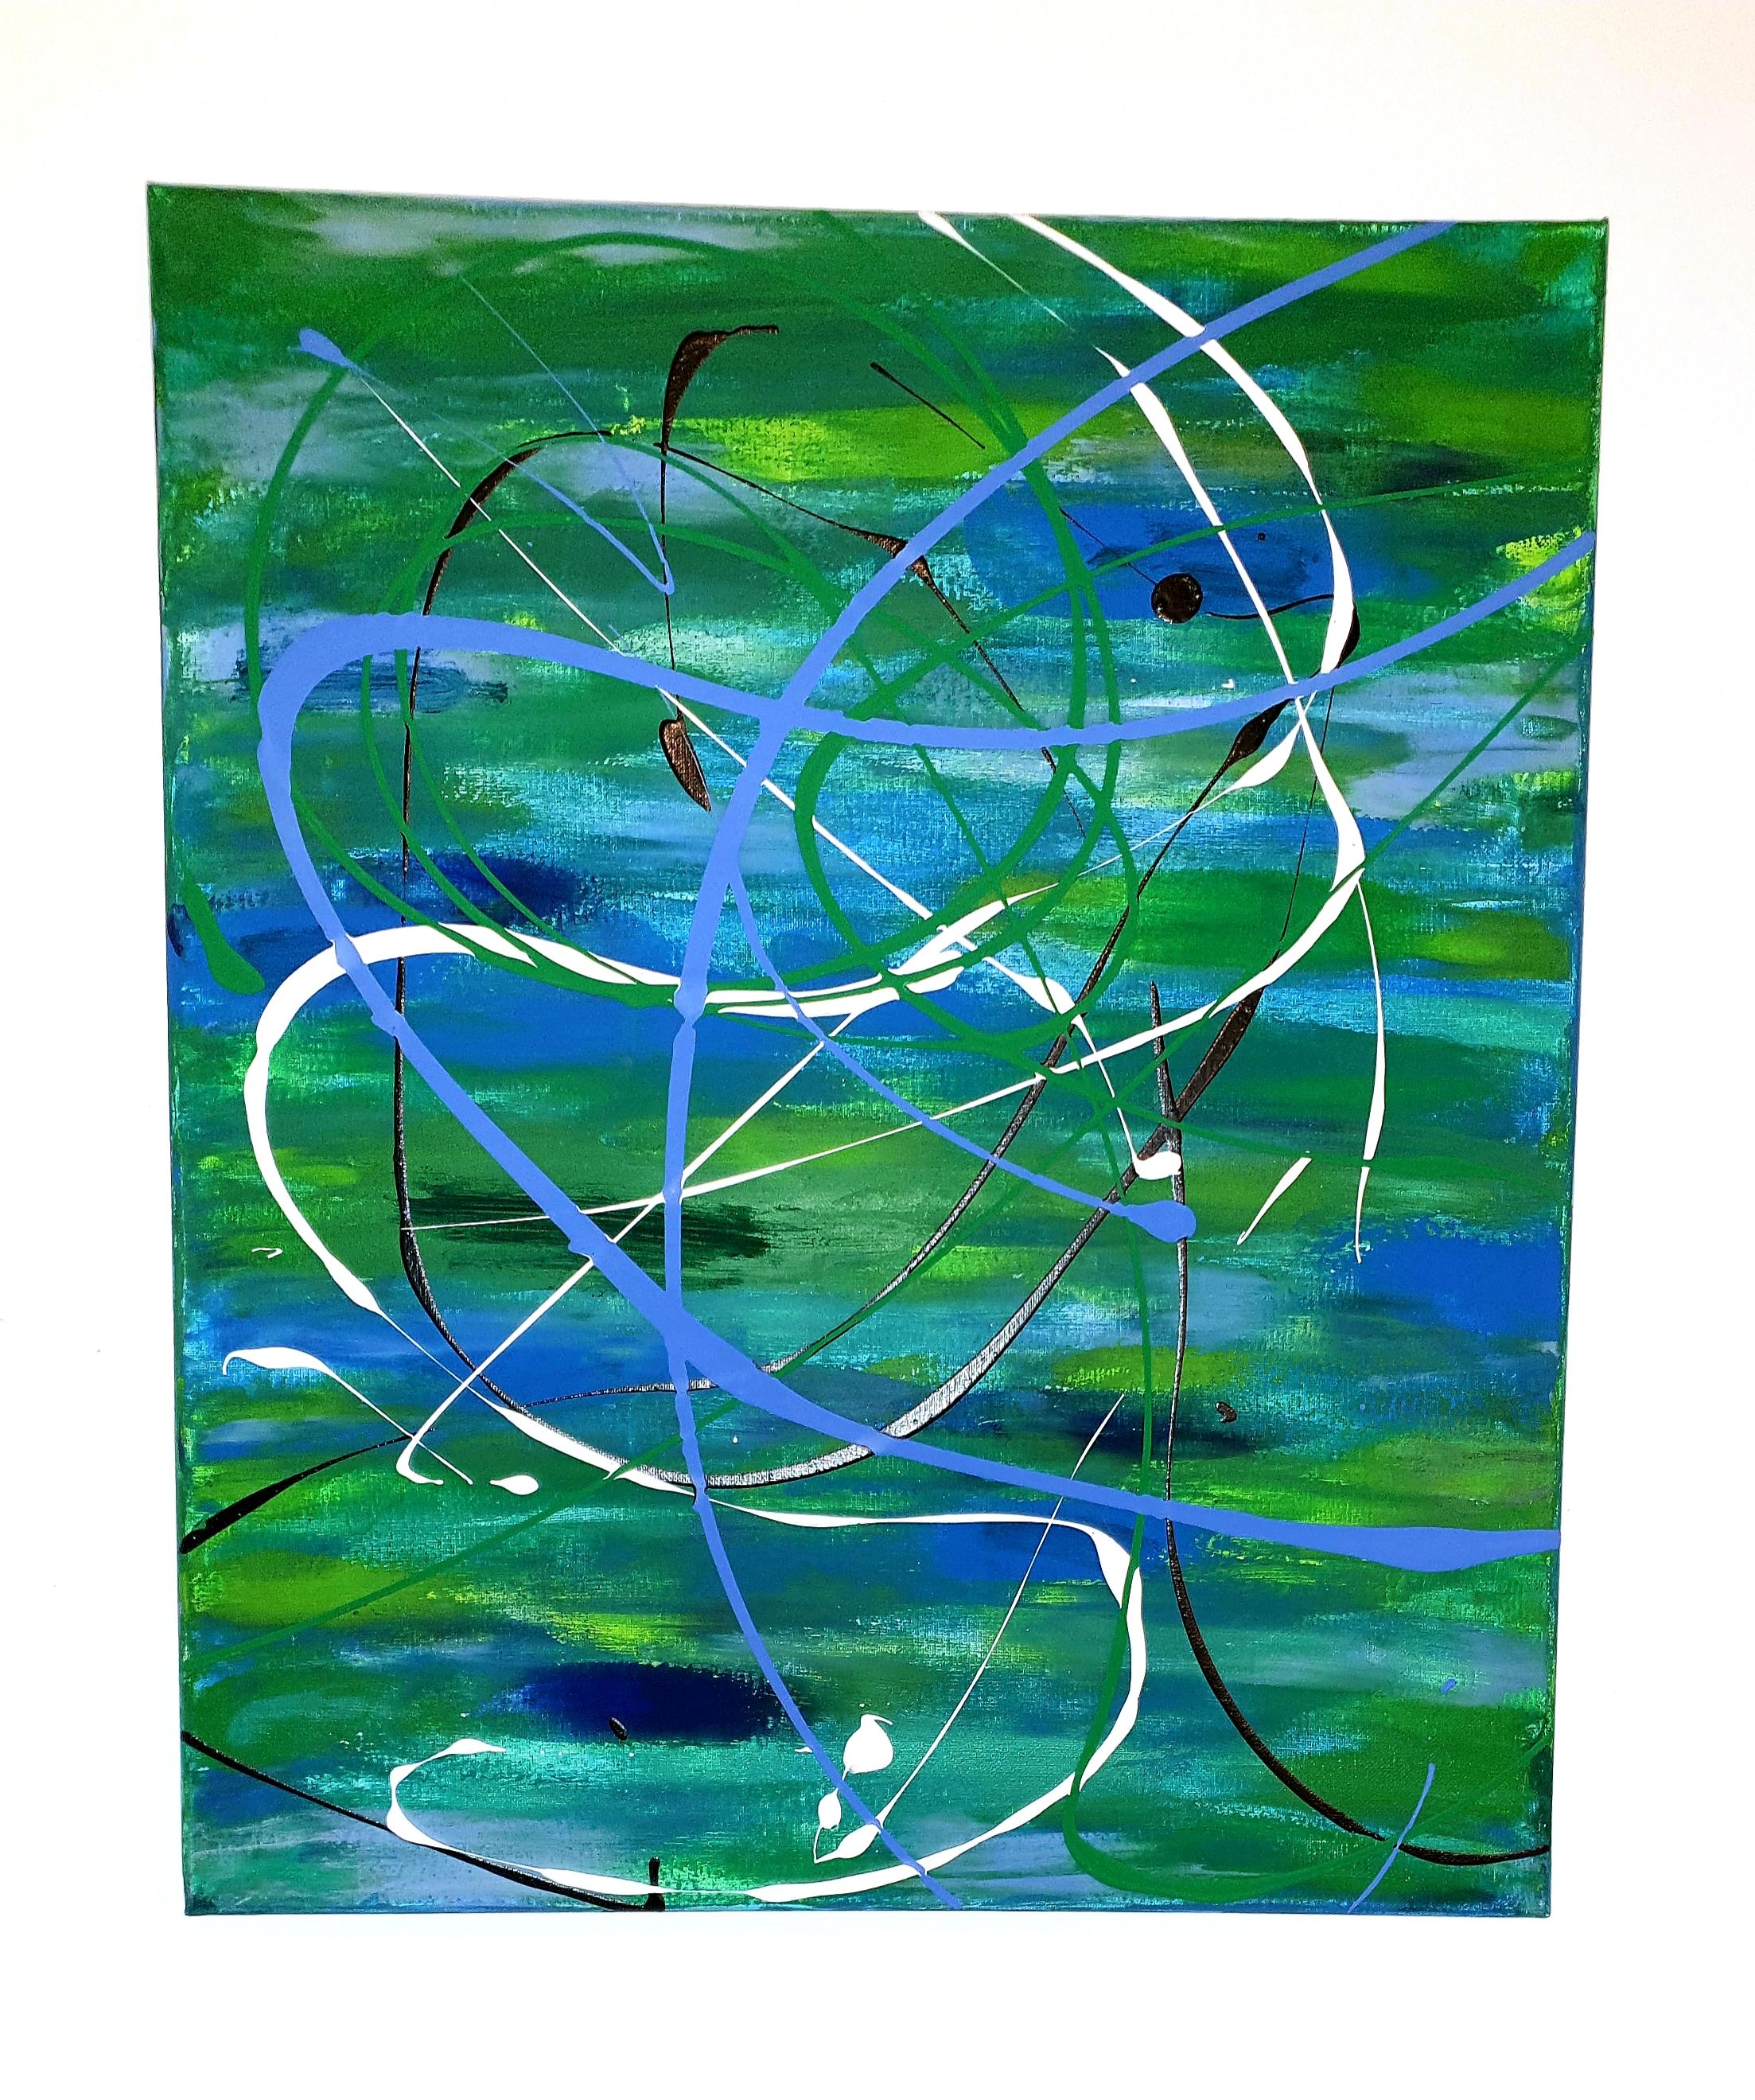 """Obraz akryl 70cm x 50cm pt. """"Horyzont"""" (2019)"""